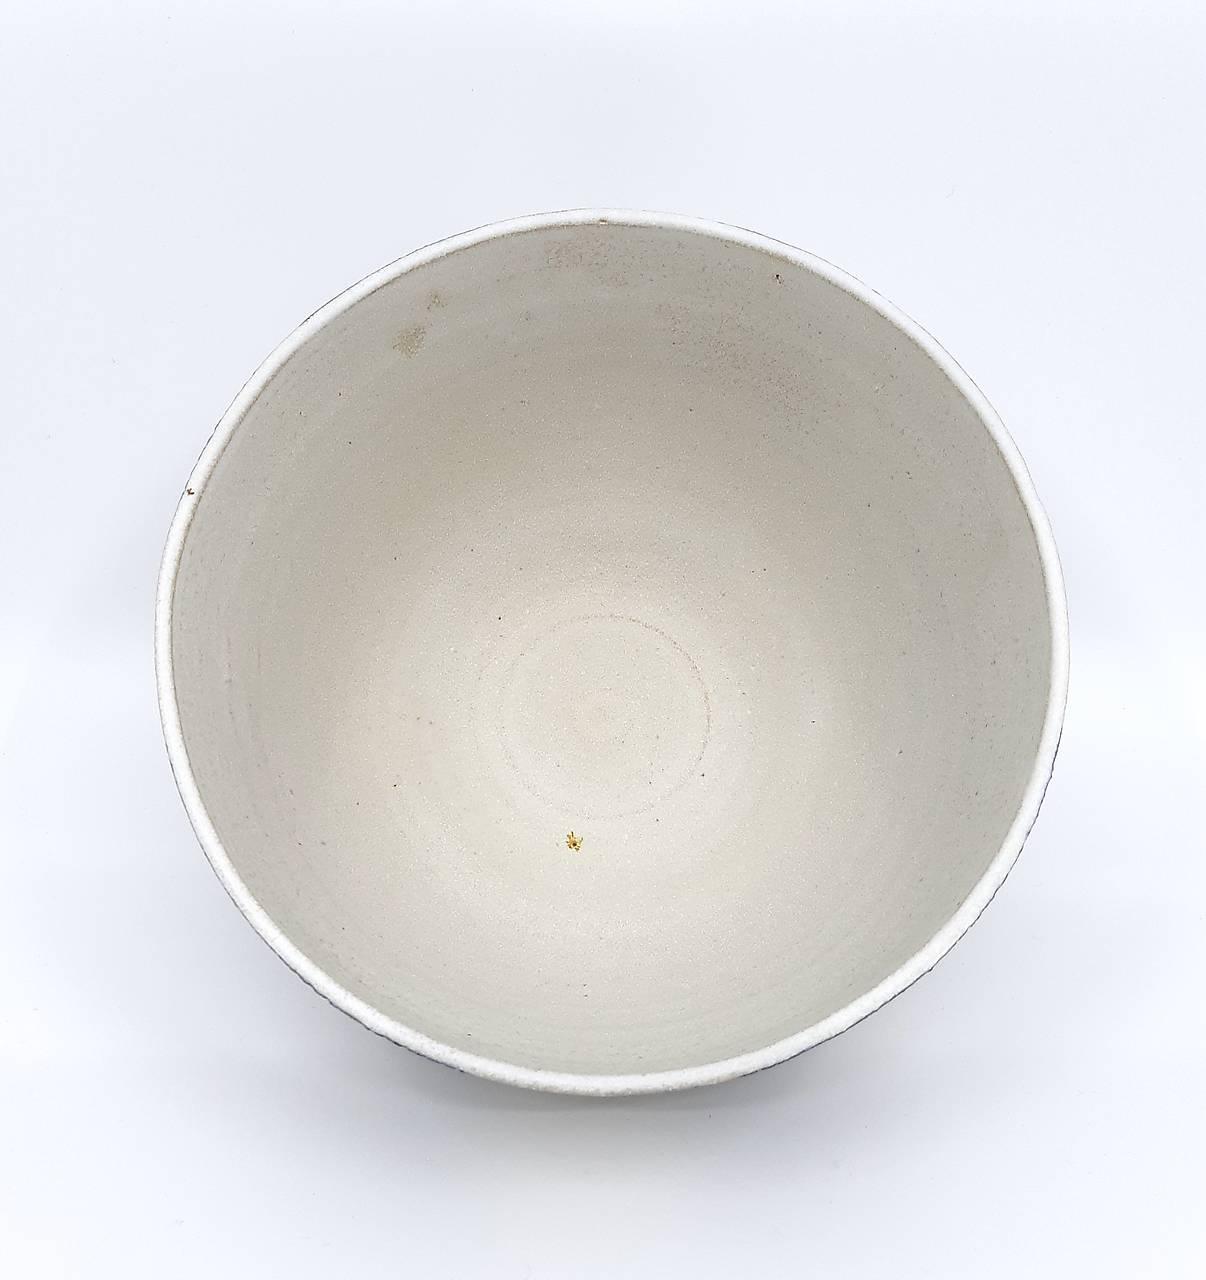 Misa bielo-šedá dekorovaná